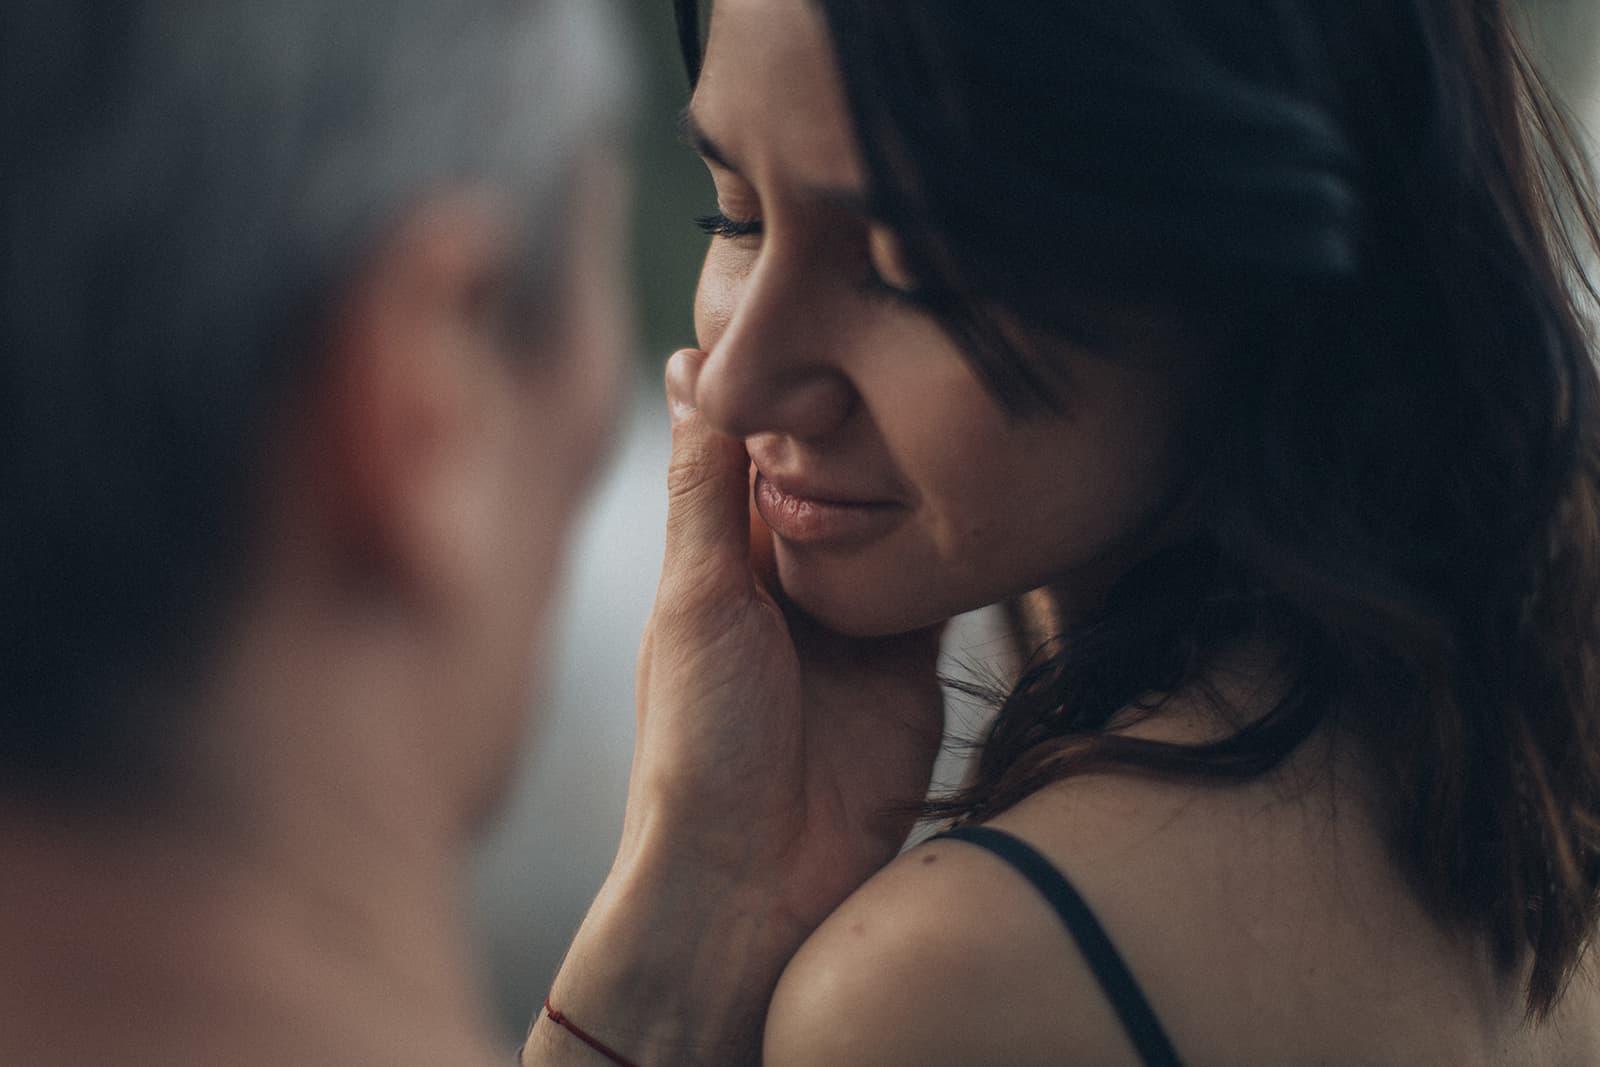 Ein Mann, der das Gesicht einer Frau mit geschlossenen Augen berührt